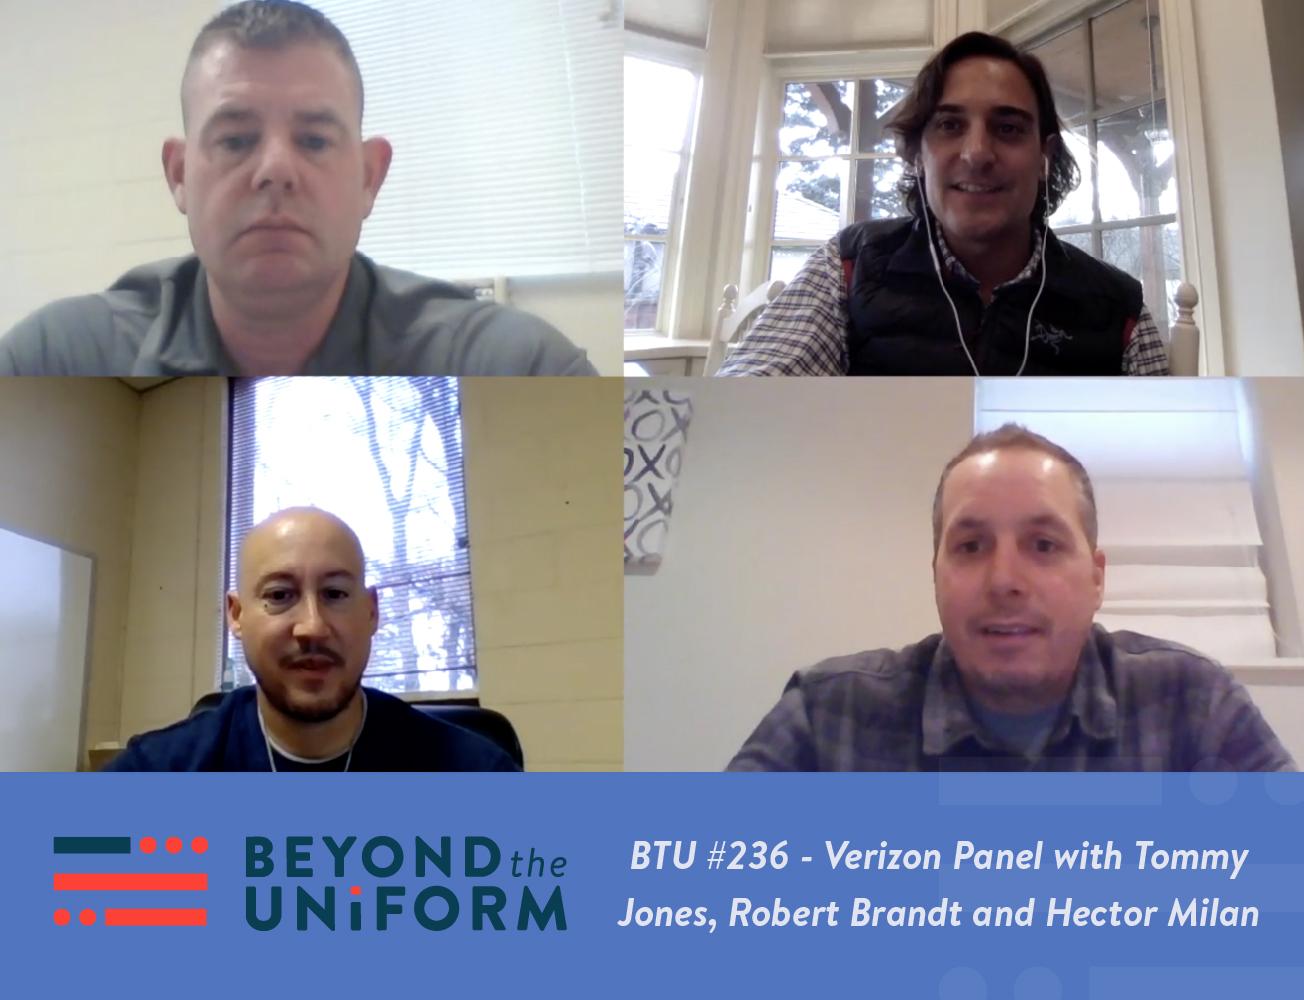 BTU #236 - Verizon Panel with Tommy Jones, Robert Brandt and